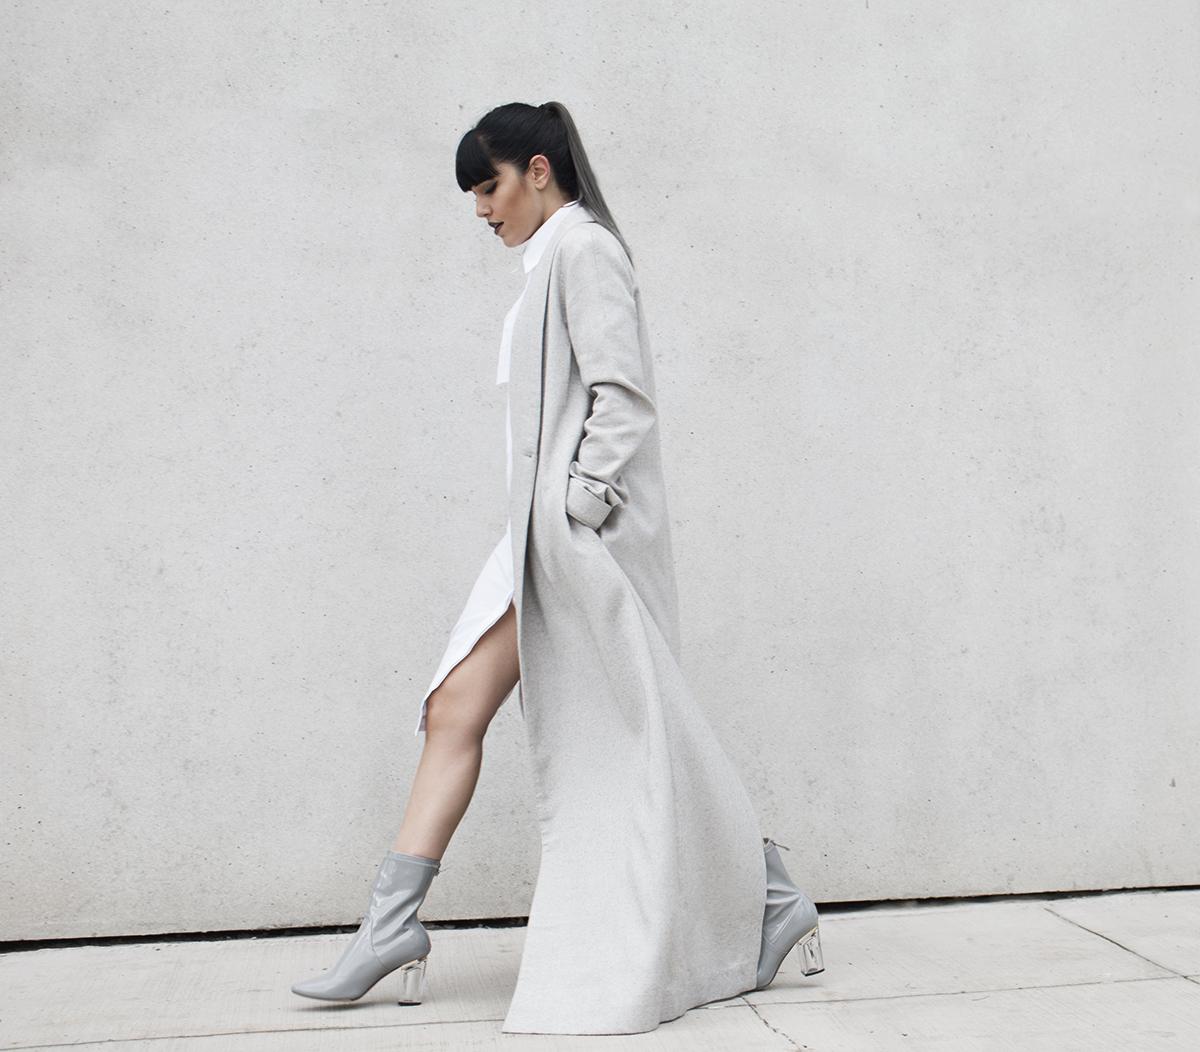 perspex-heels-streetstyle-1